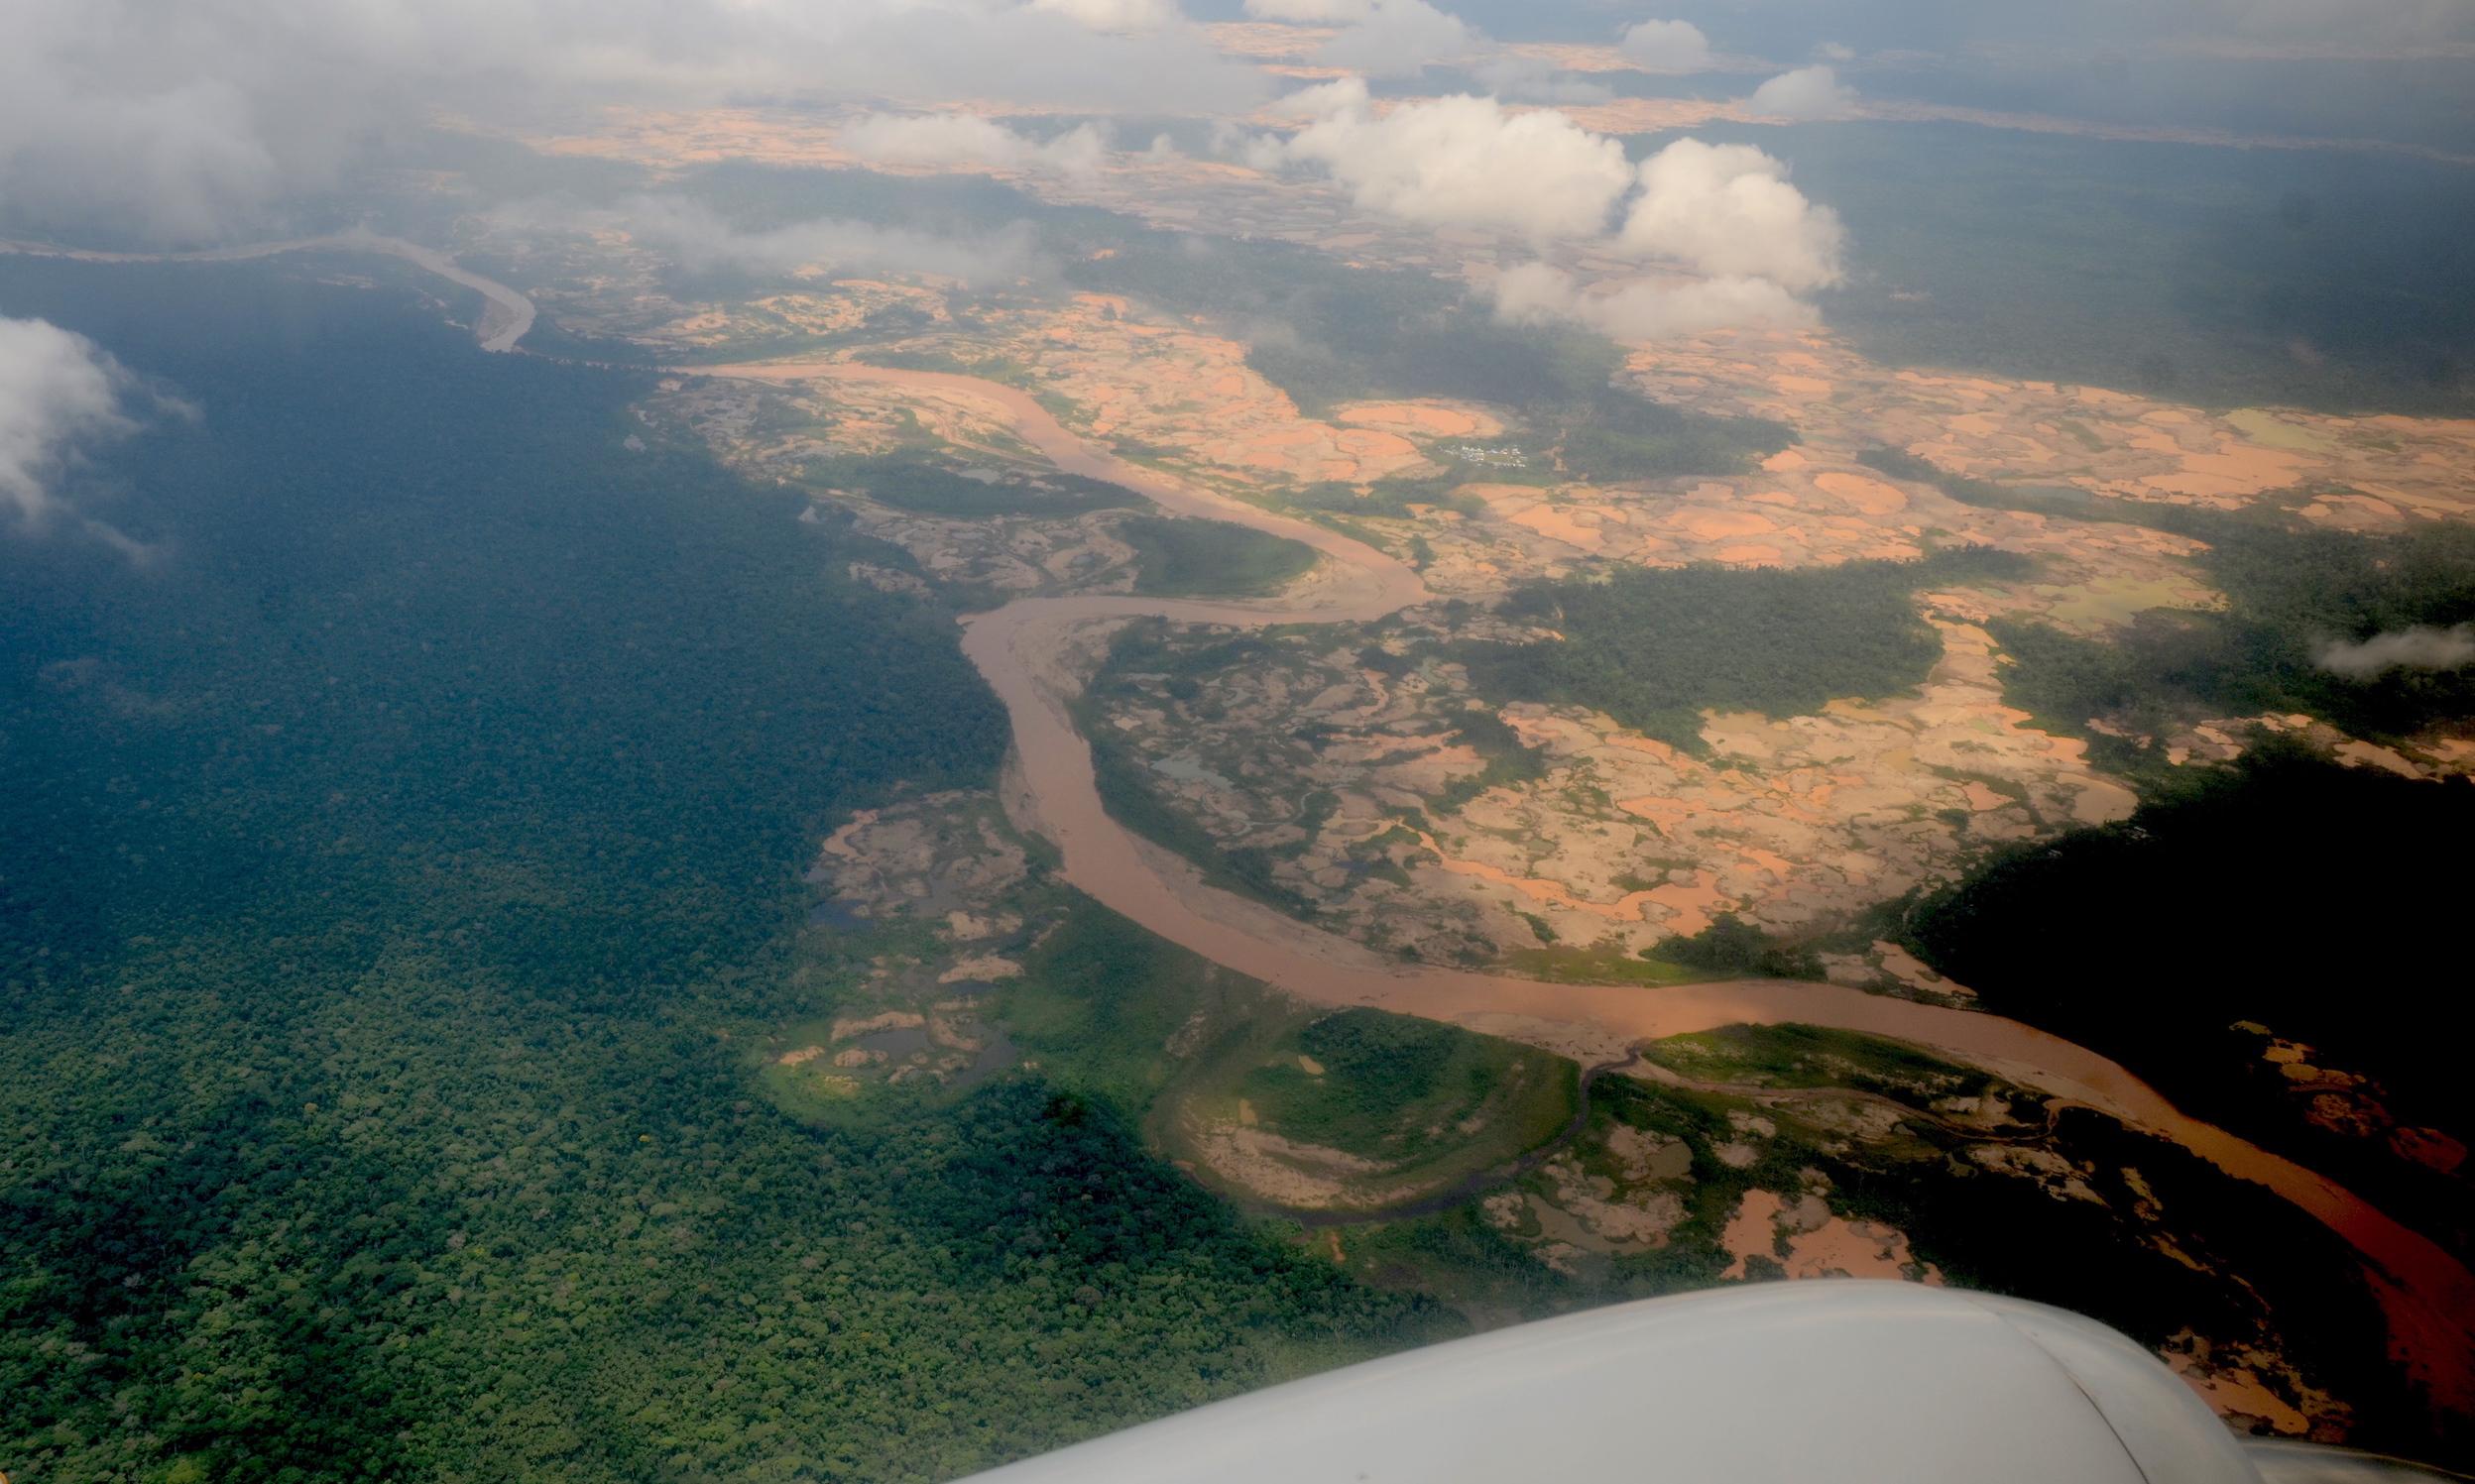 Presencia de minería ilegal en ambos lados del río Malinowski, en Madre de Dios. Foto: Yvette Sierra Praeli.